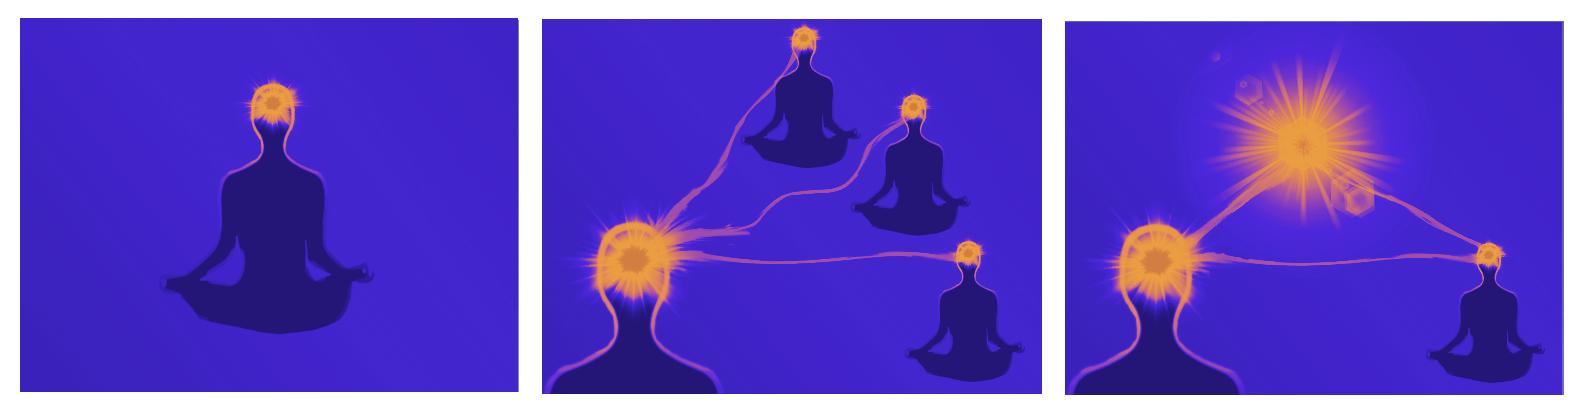 Нужны привлекательные иллюстрации к практике ТриНити фото f_4915b47f2428249f.png